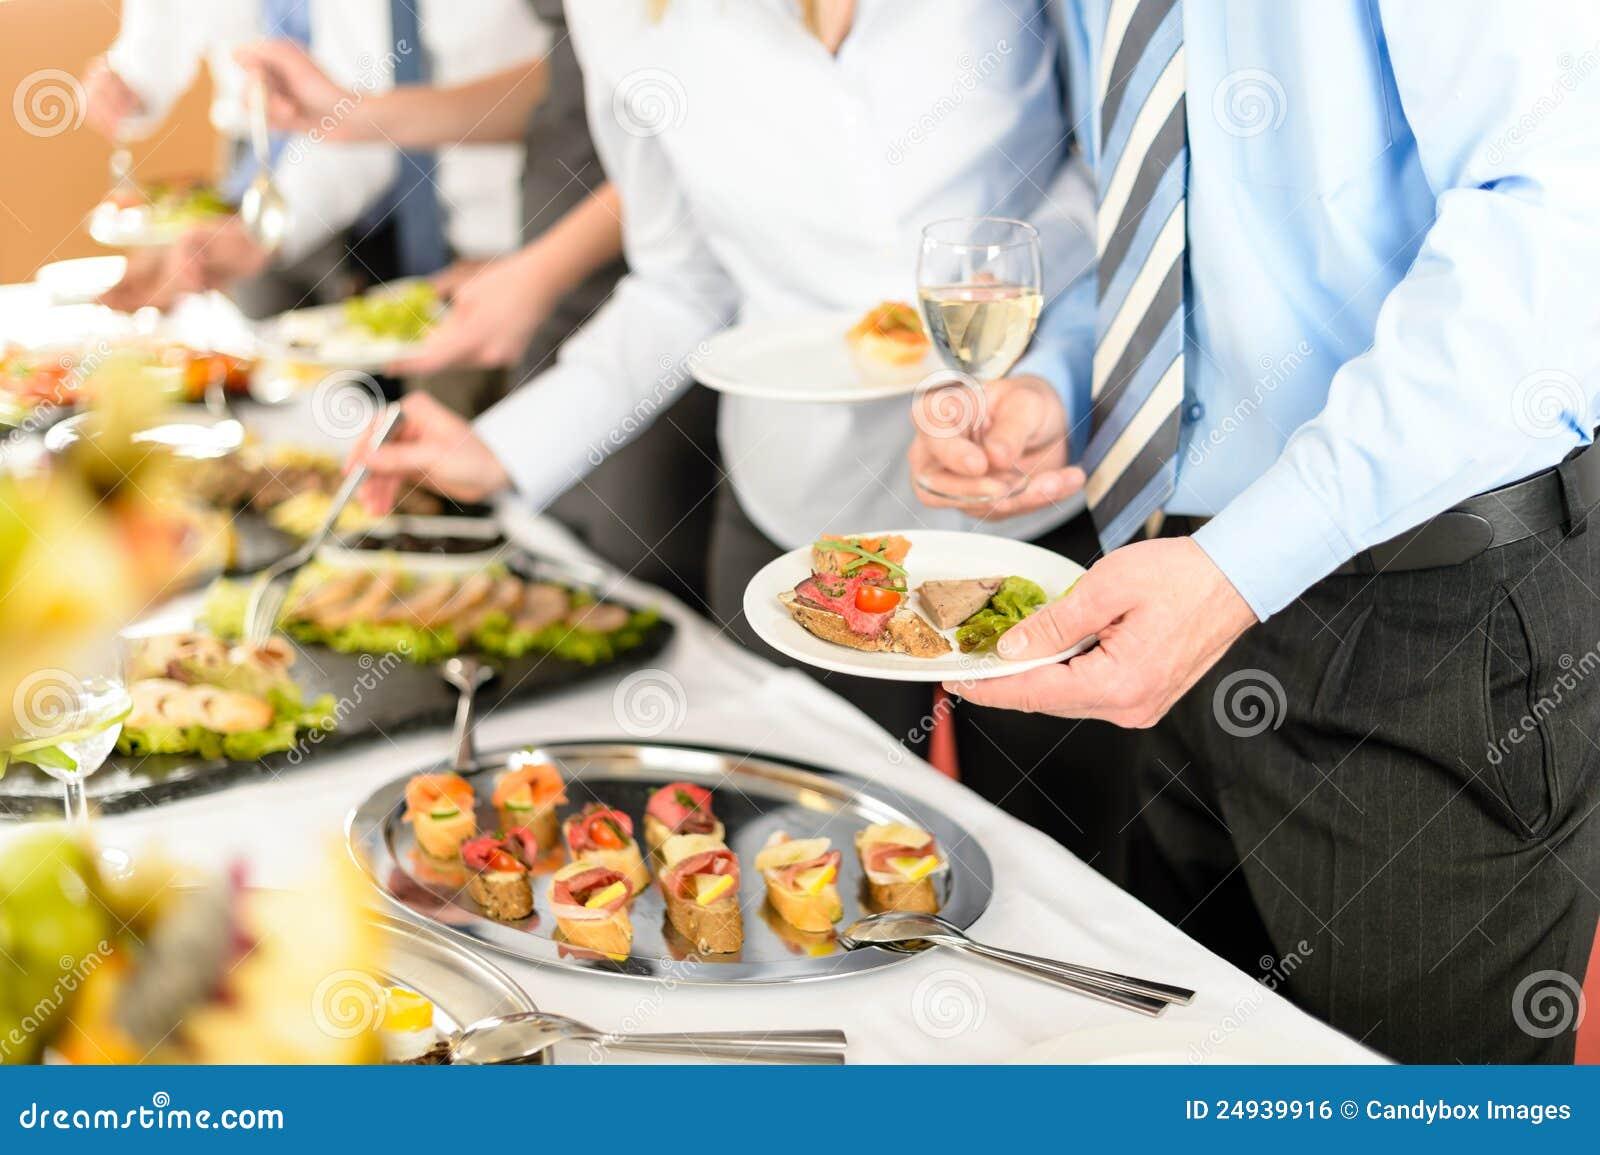 Zakąsek bufeta ludzie biznesu wp8lywy